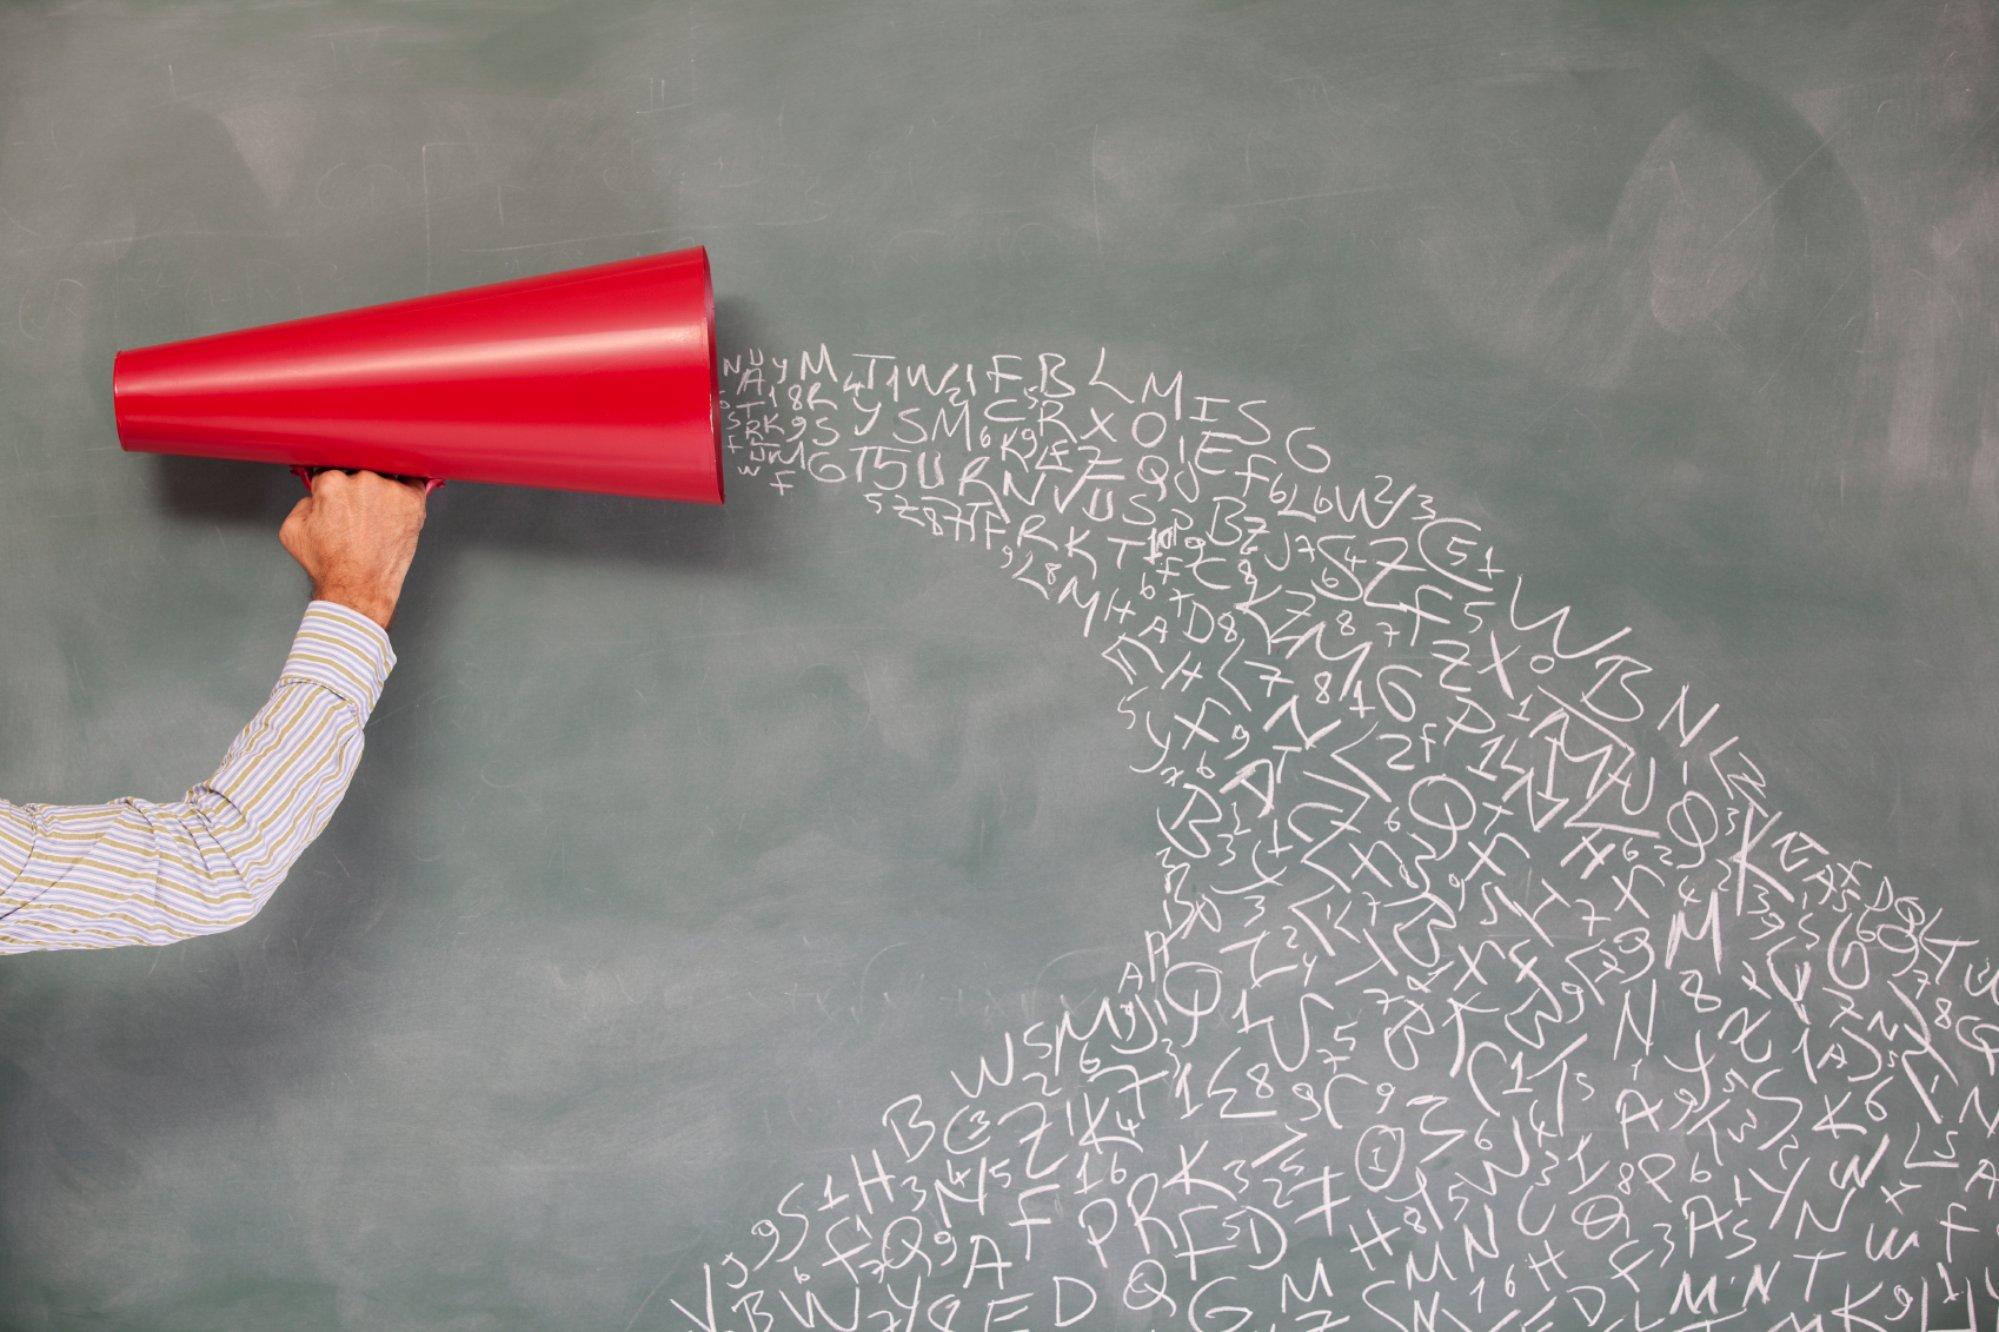 Comunicazione: impostare l'intenzione corretta e proteggere le relazioni.